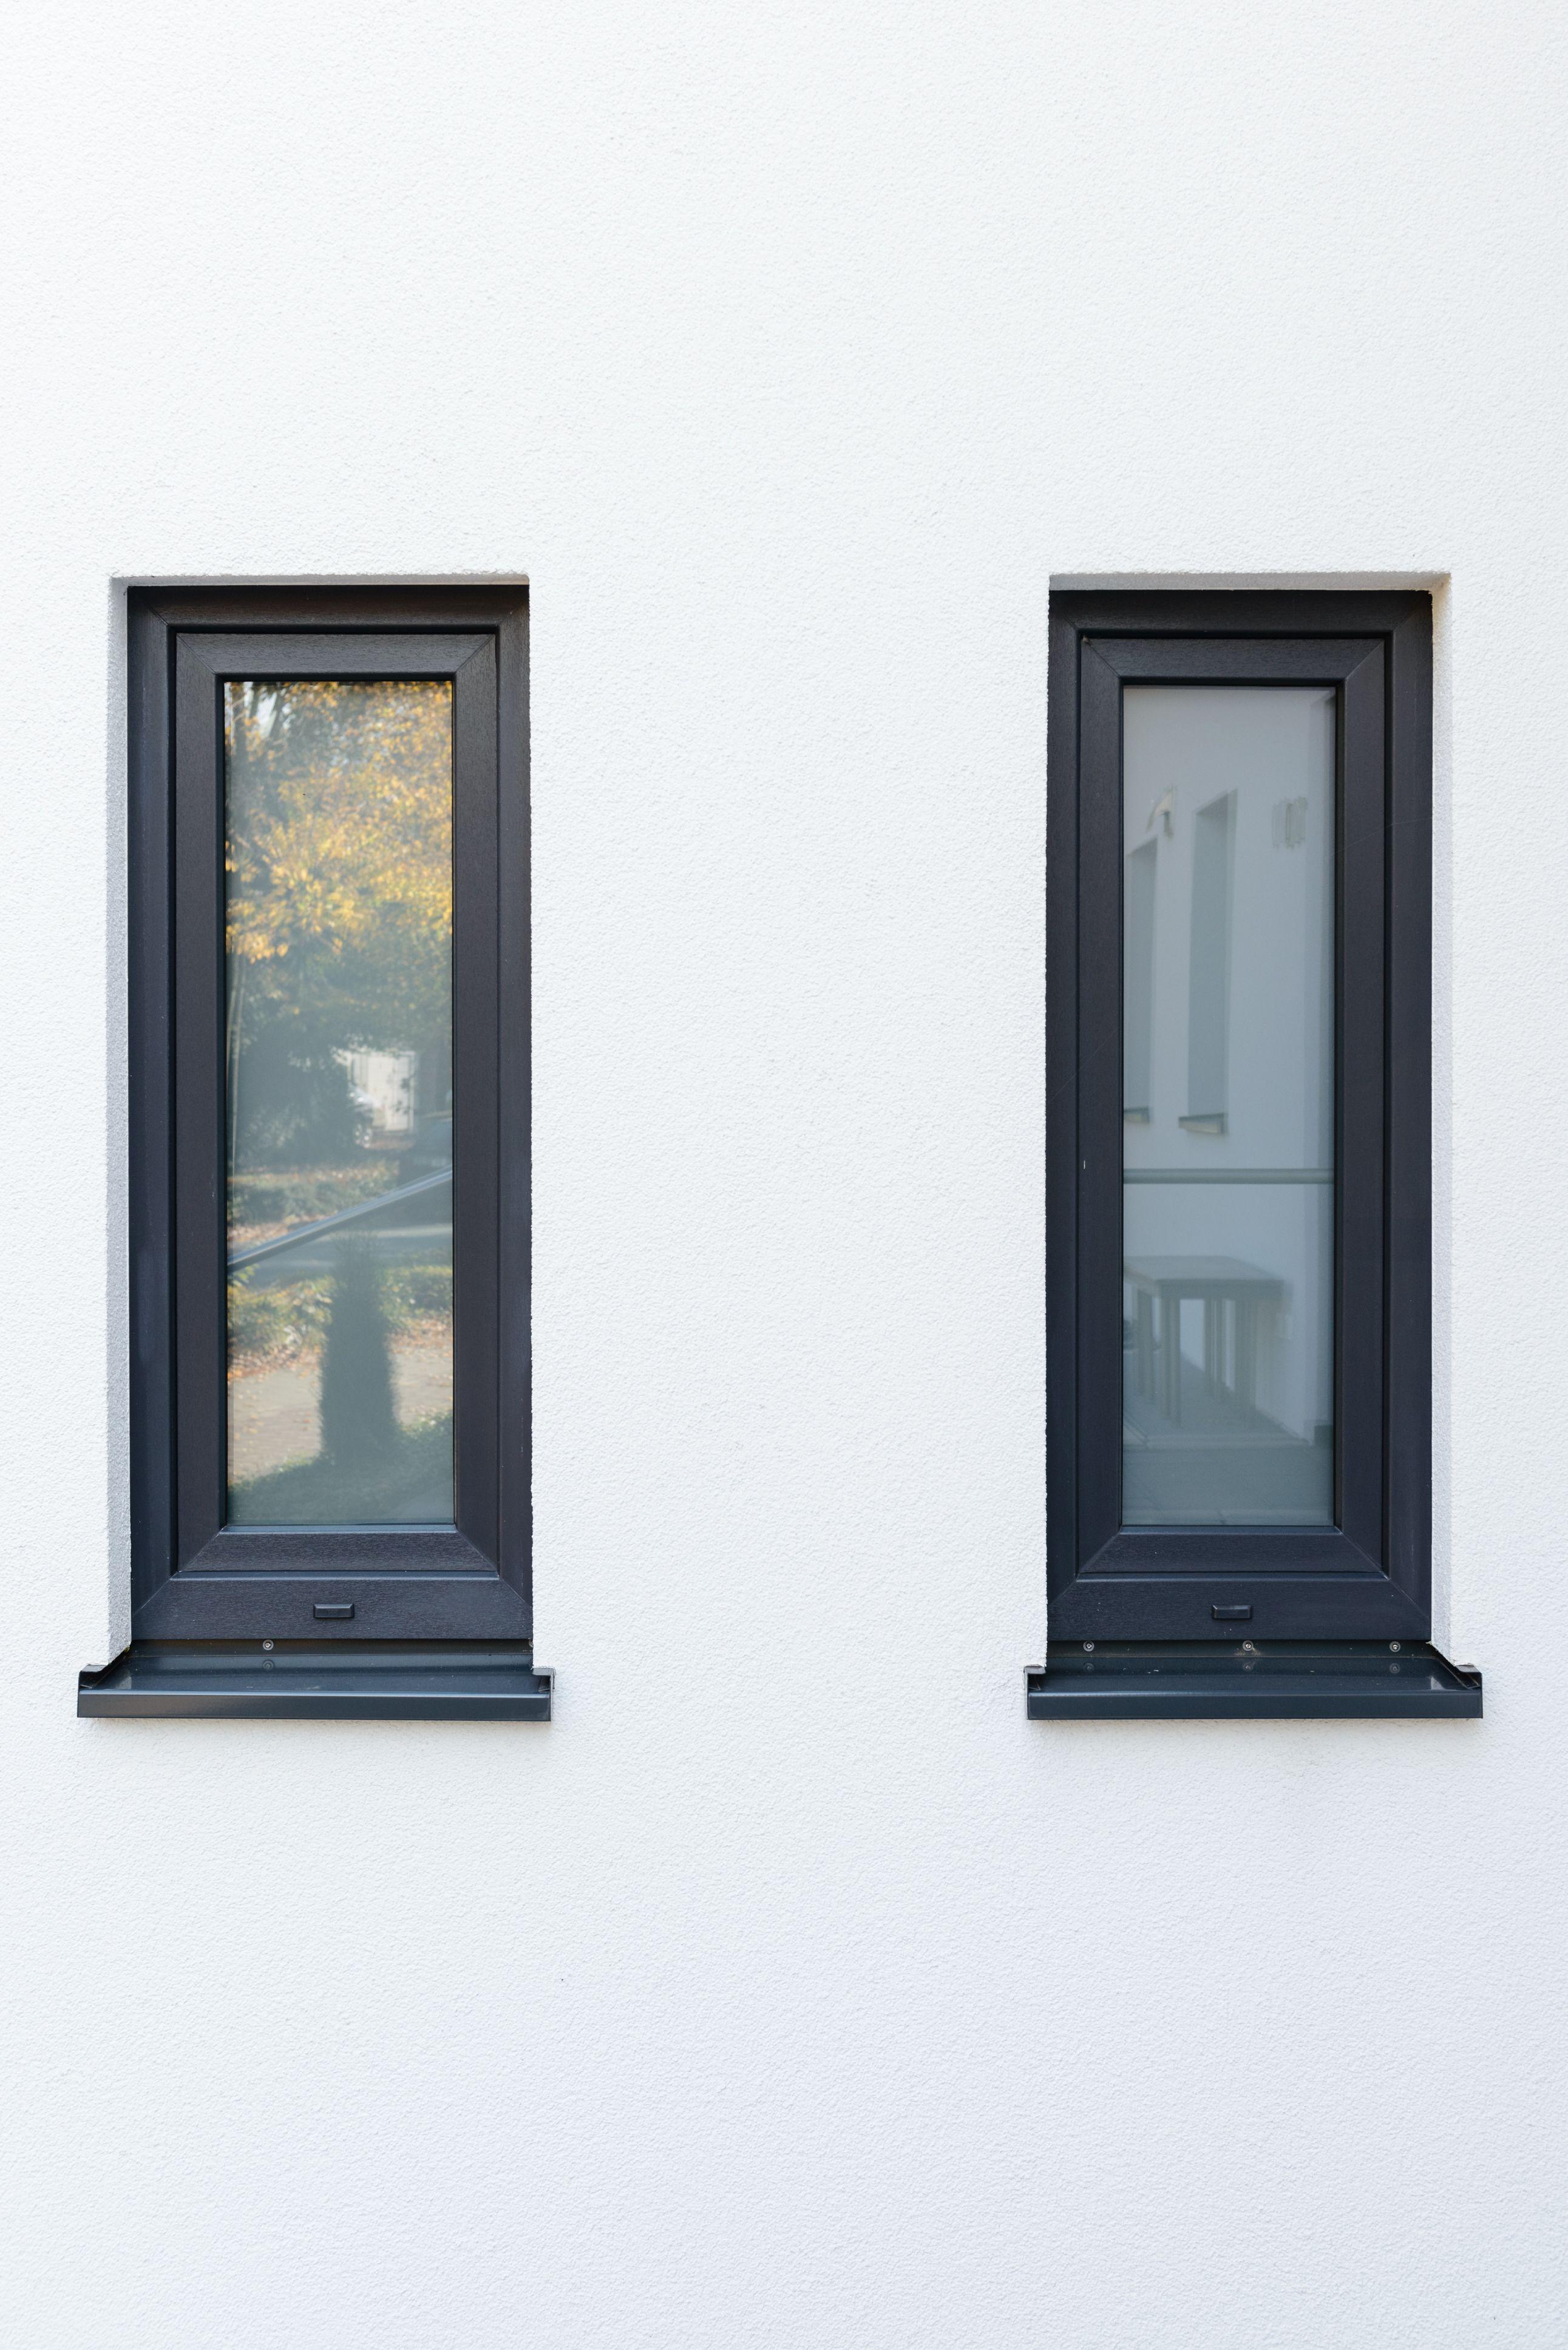 Famous Moderne Fenster und Fensterbank in schönem anthrazit. #Architektur RP19